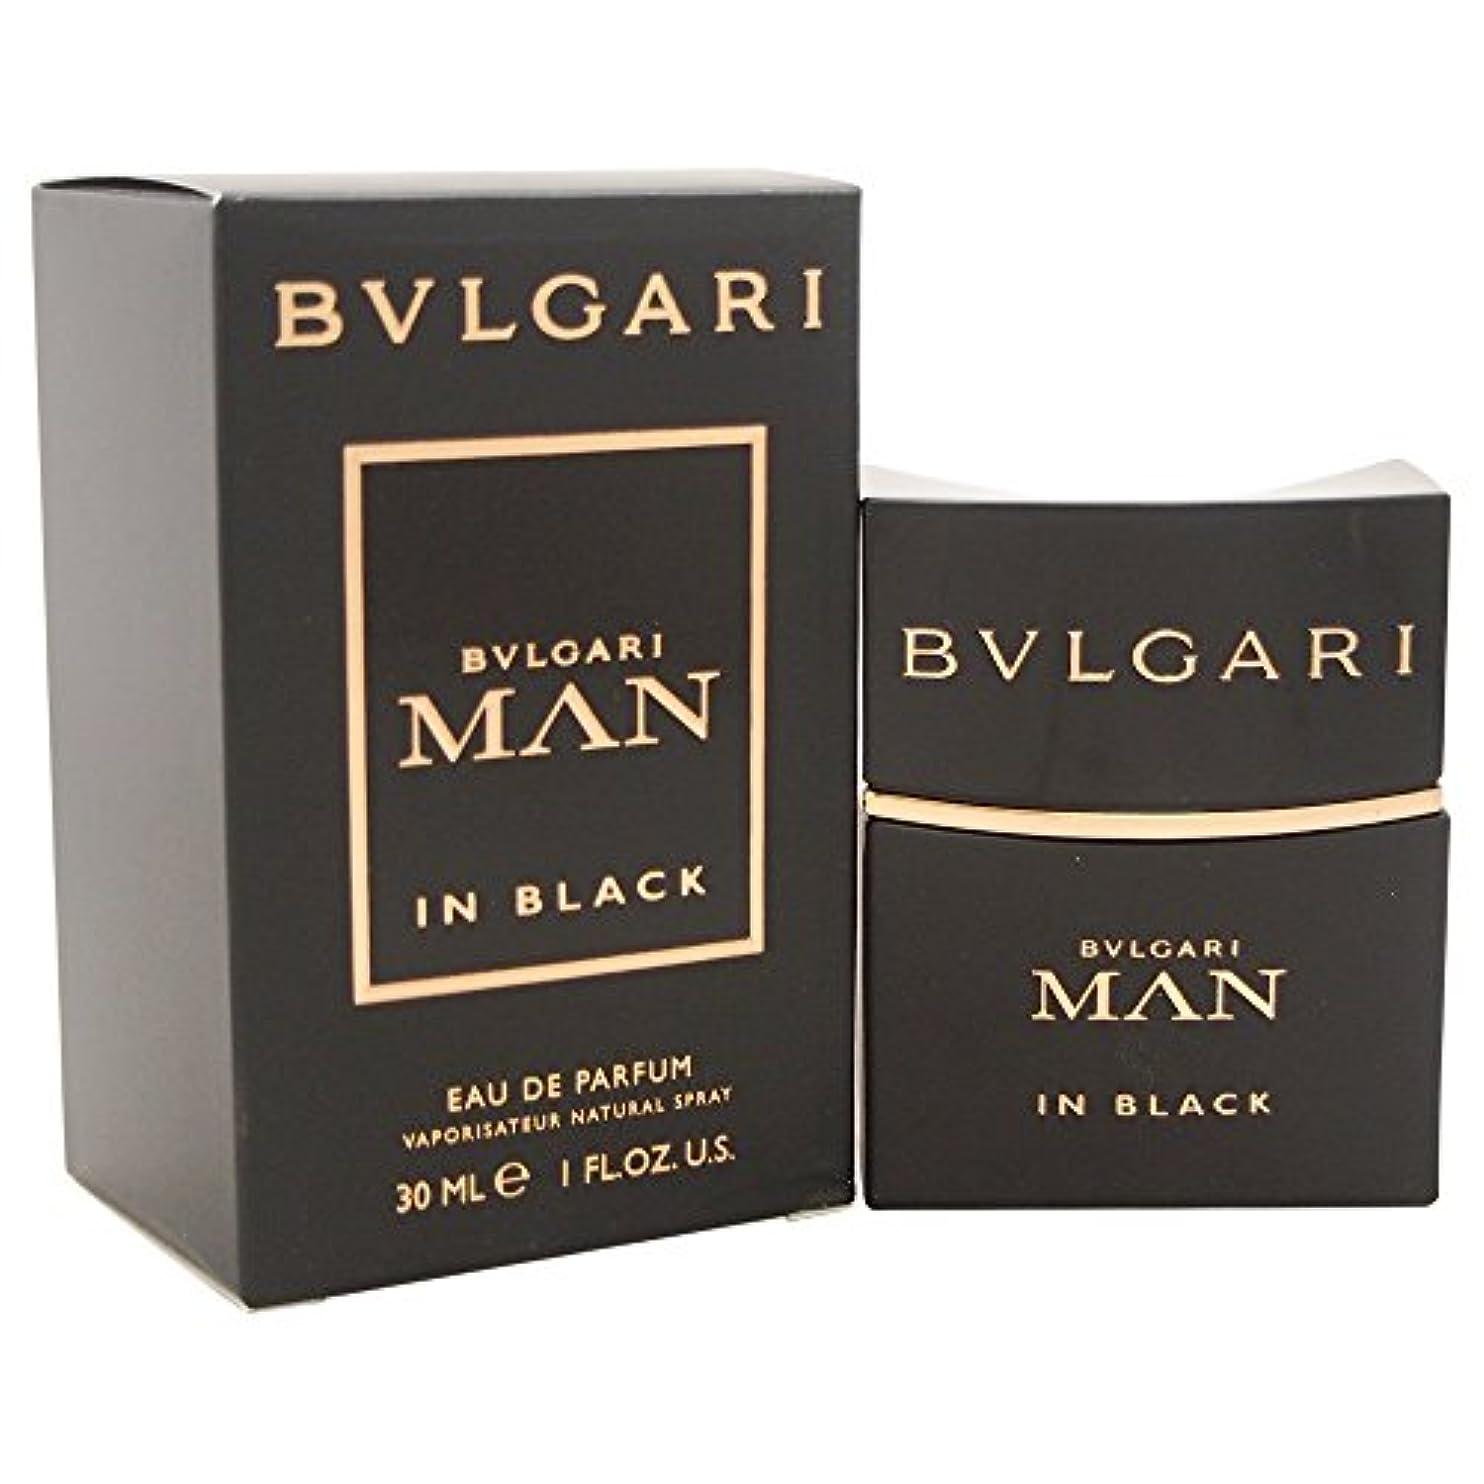 ブルガリ BVLGARI  ブルガリ マン イン ブラック EP SP 30ml